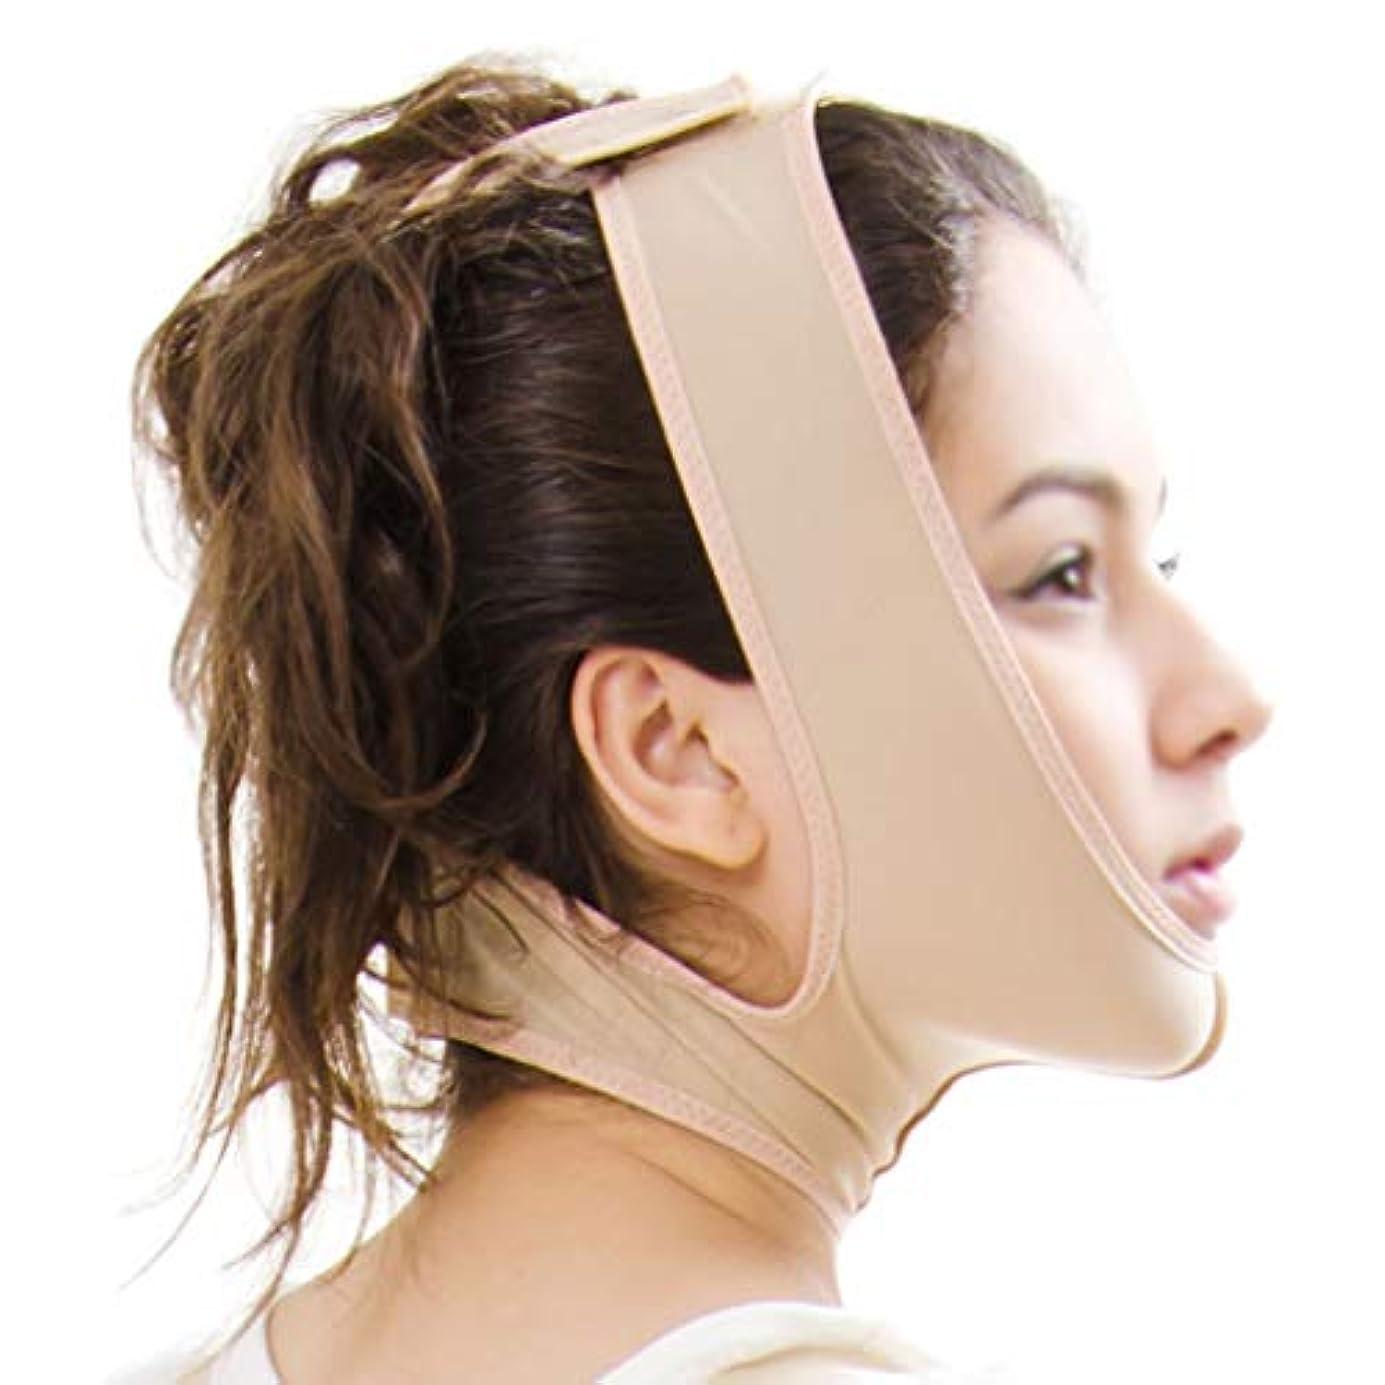 ピルファートリクル要求GLJJQMY 顔面リフティング包帯あごの首と首の二重あごの脂肪吸引術後創傷マスク 顔用整形マスク (Size : S)